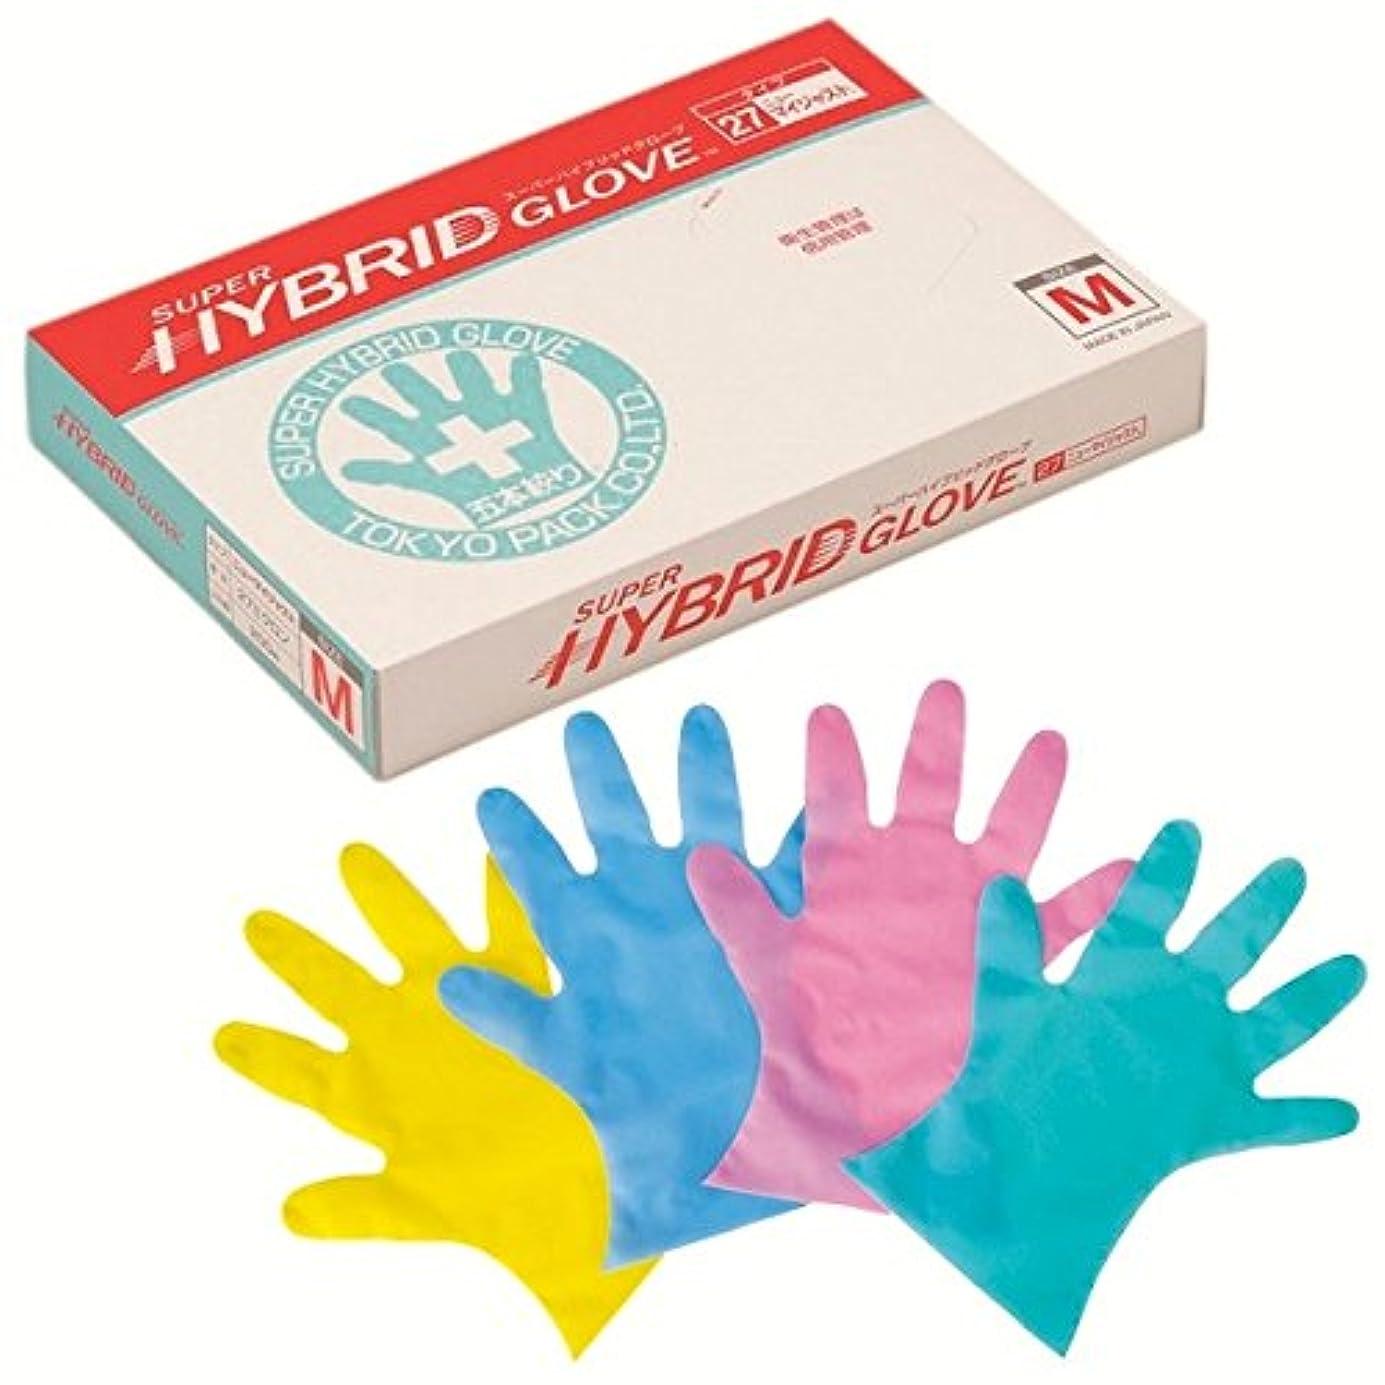 あいまい重要性アクセスできない東京パック エンボス手袋 スーパーハイブリッドグローブ ニューマイジャスト ピンク L 200枚